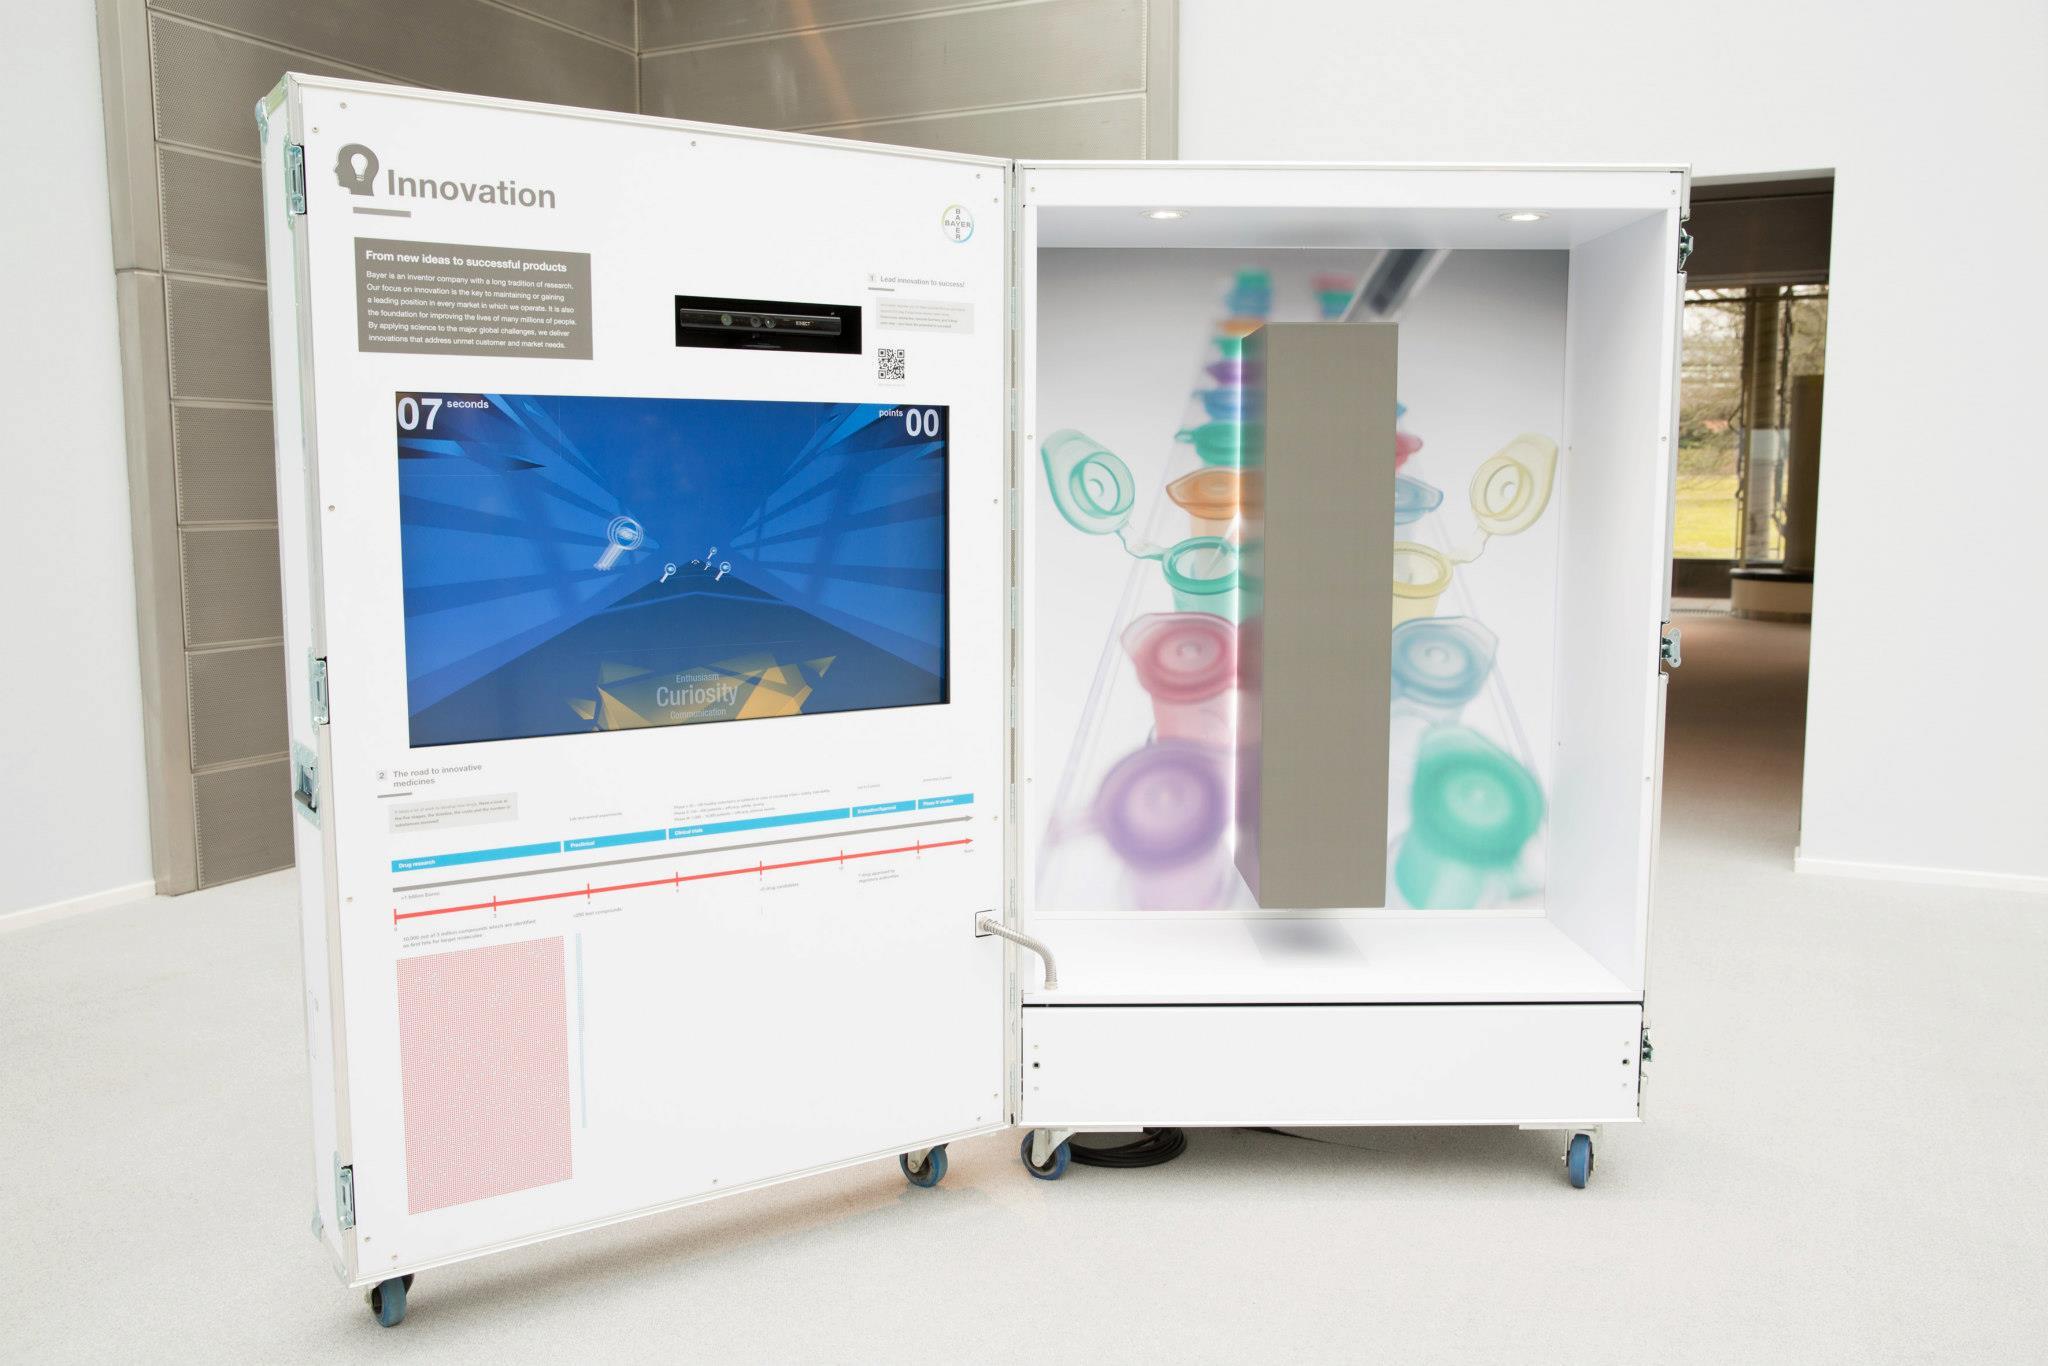 Bayer Innovation Kinect Game